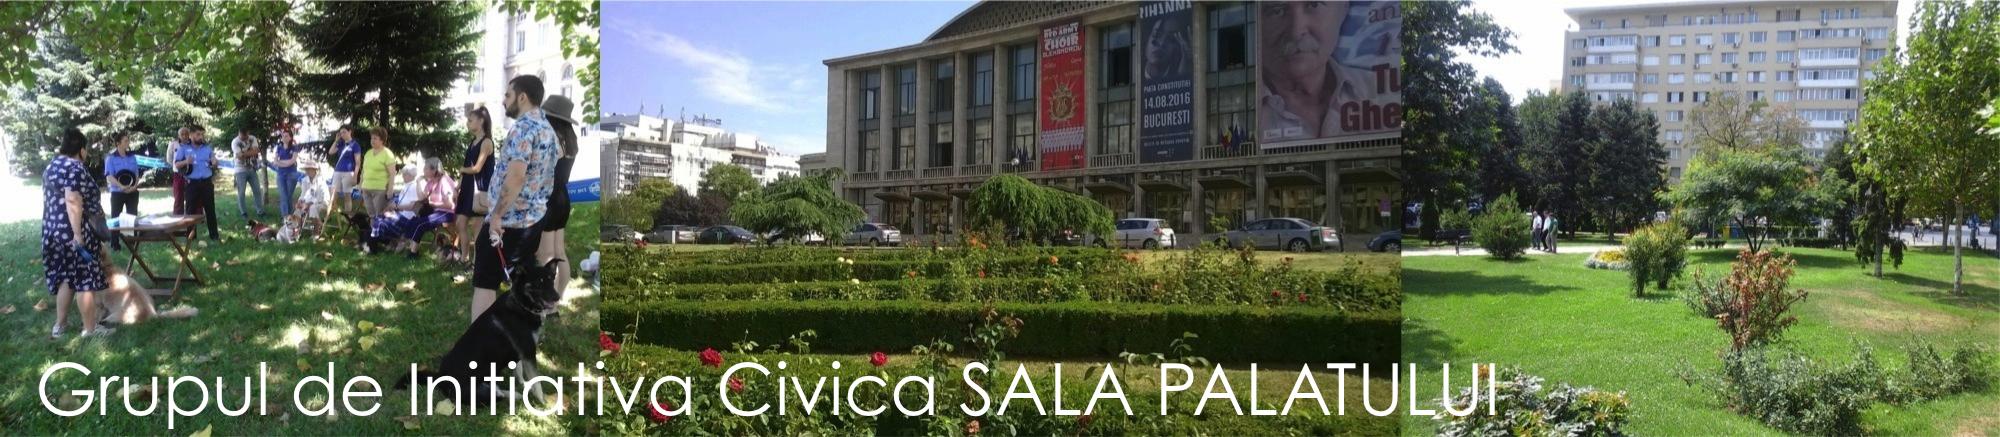 Grupul de Initiativa Civica Sala Palatului